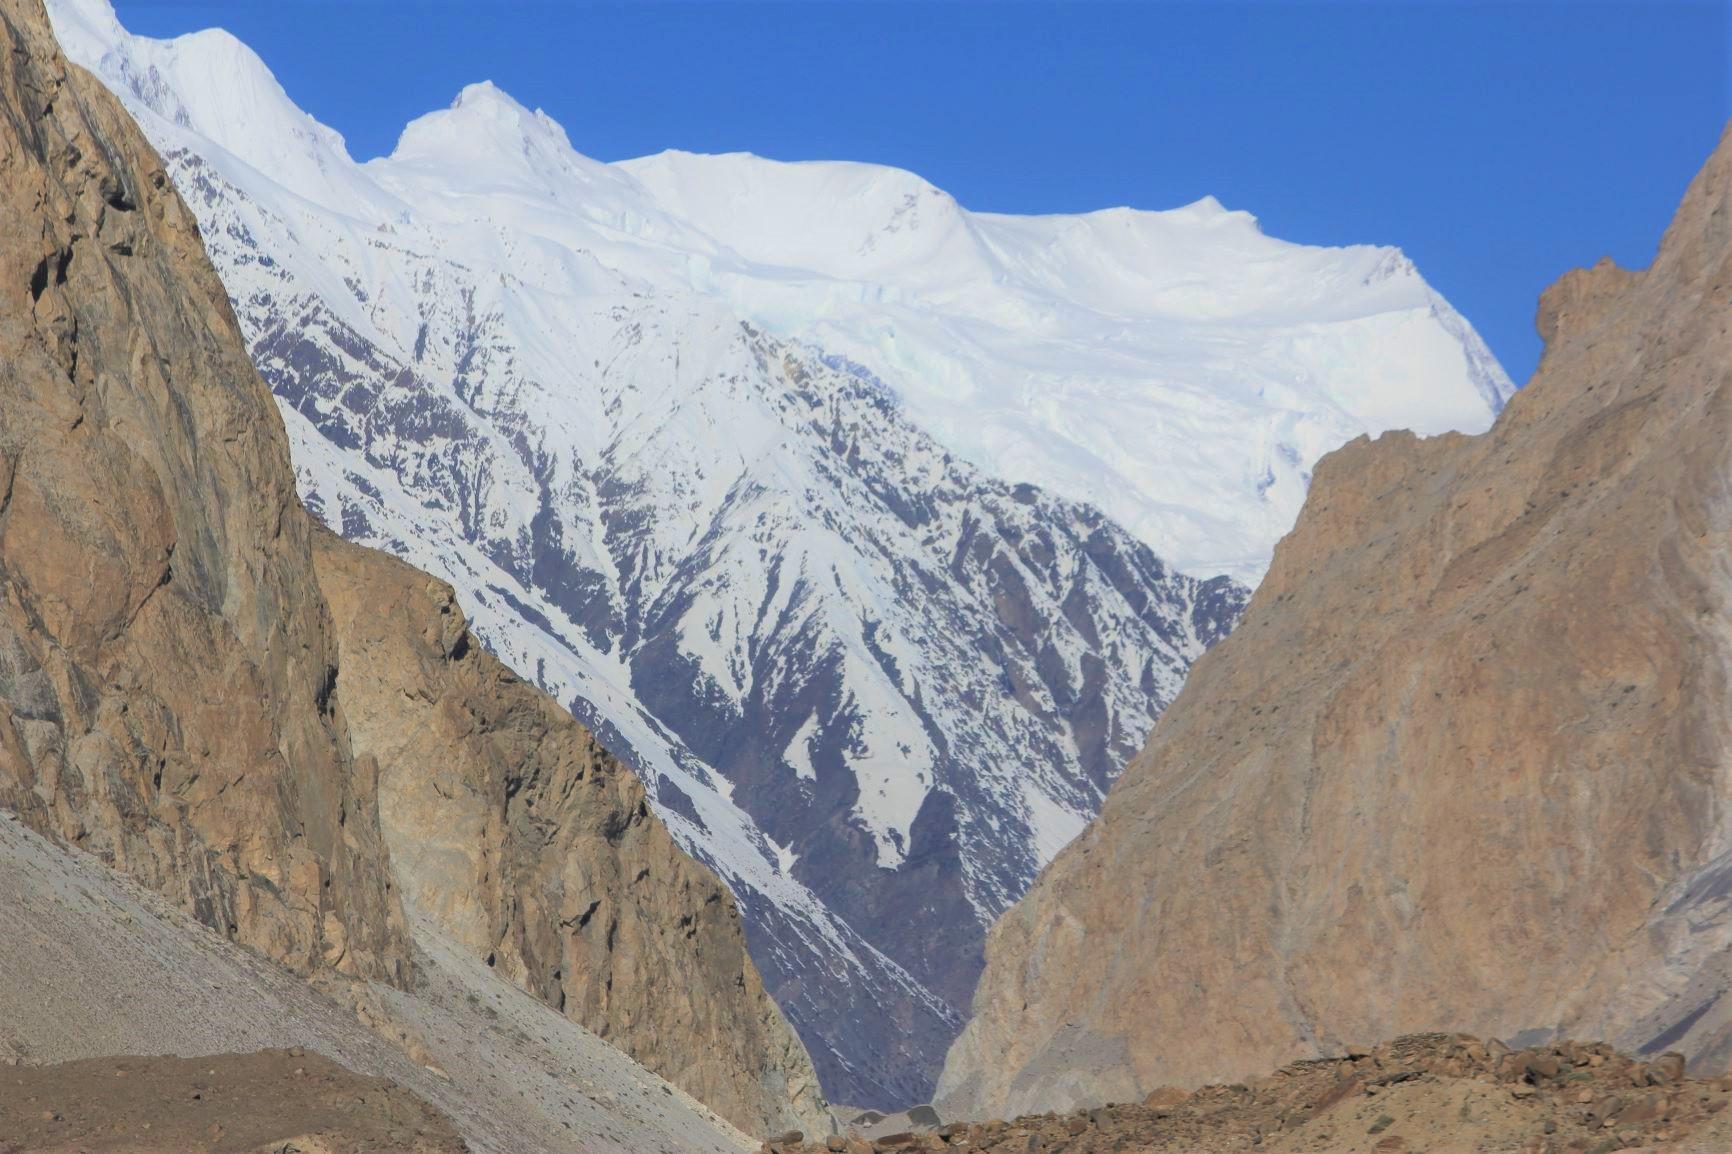 Ⅰ峰からⅣ峰まで峰が連なるバツーラ山群の主峰バツーラⅠ峰(7,795m)